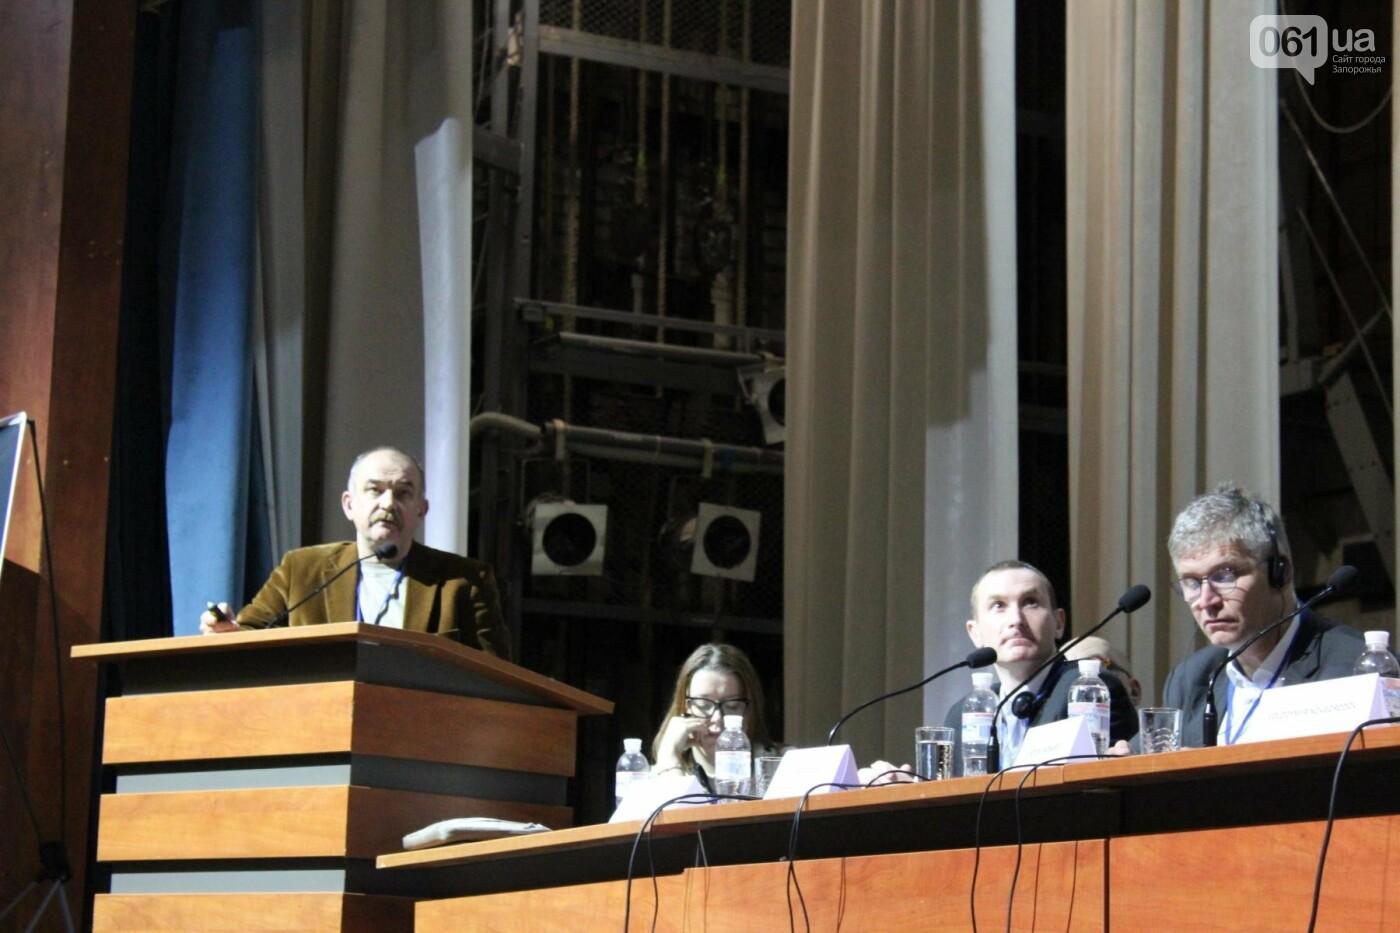 Спасти Соцгород: немецкие и украинские архитекторы подписали резолюцию для запорожской власти, - ФОТОРЕПОРТАЖ, фото-15